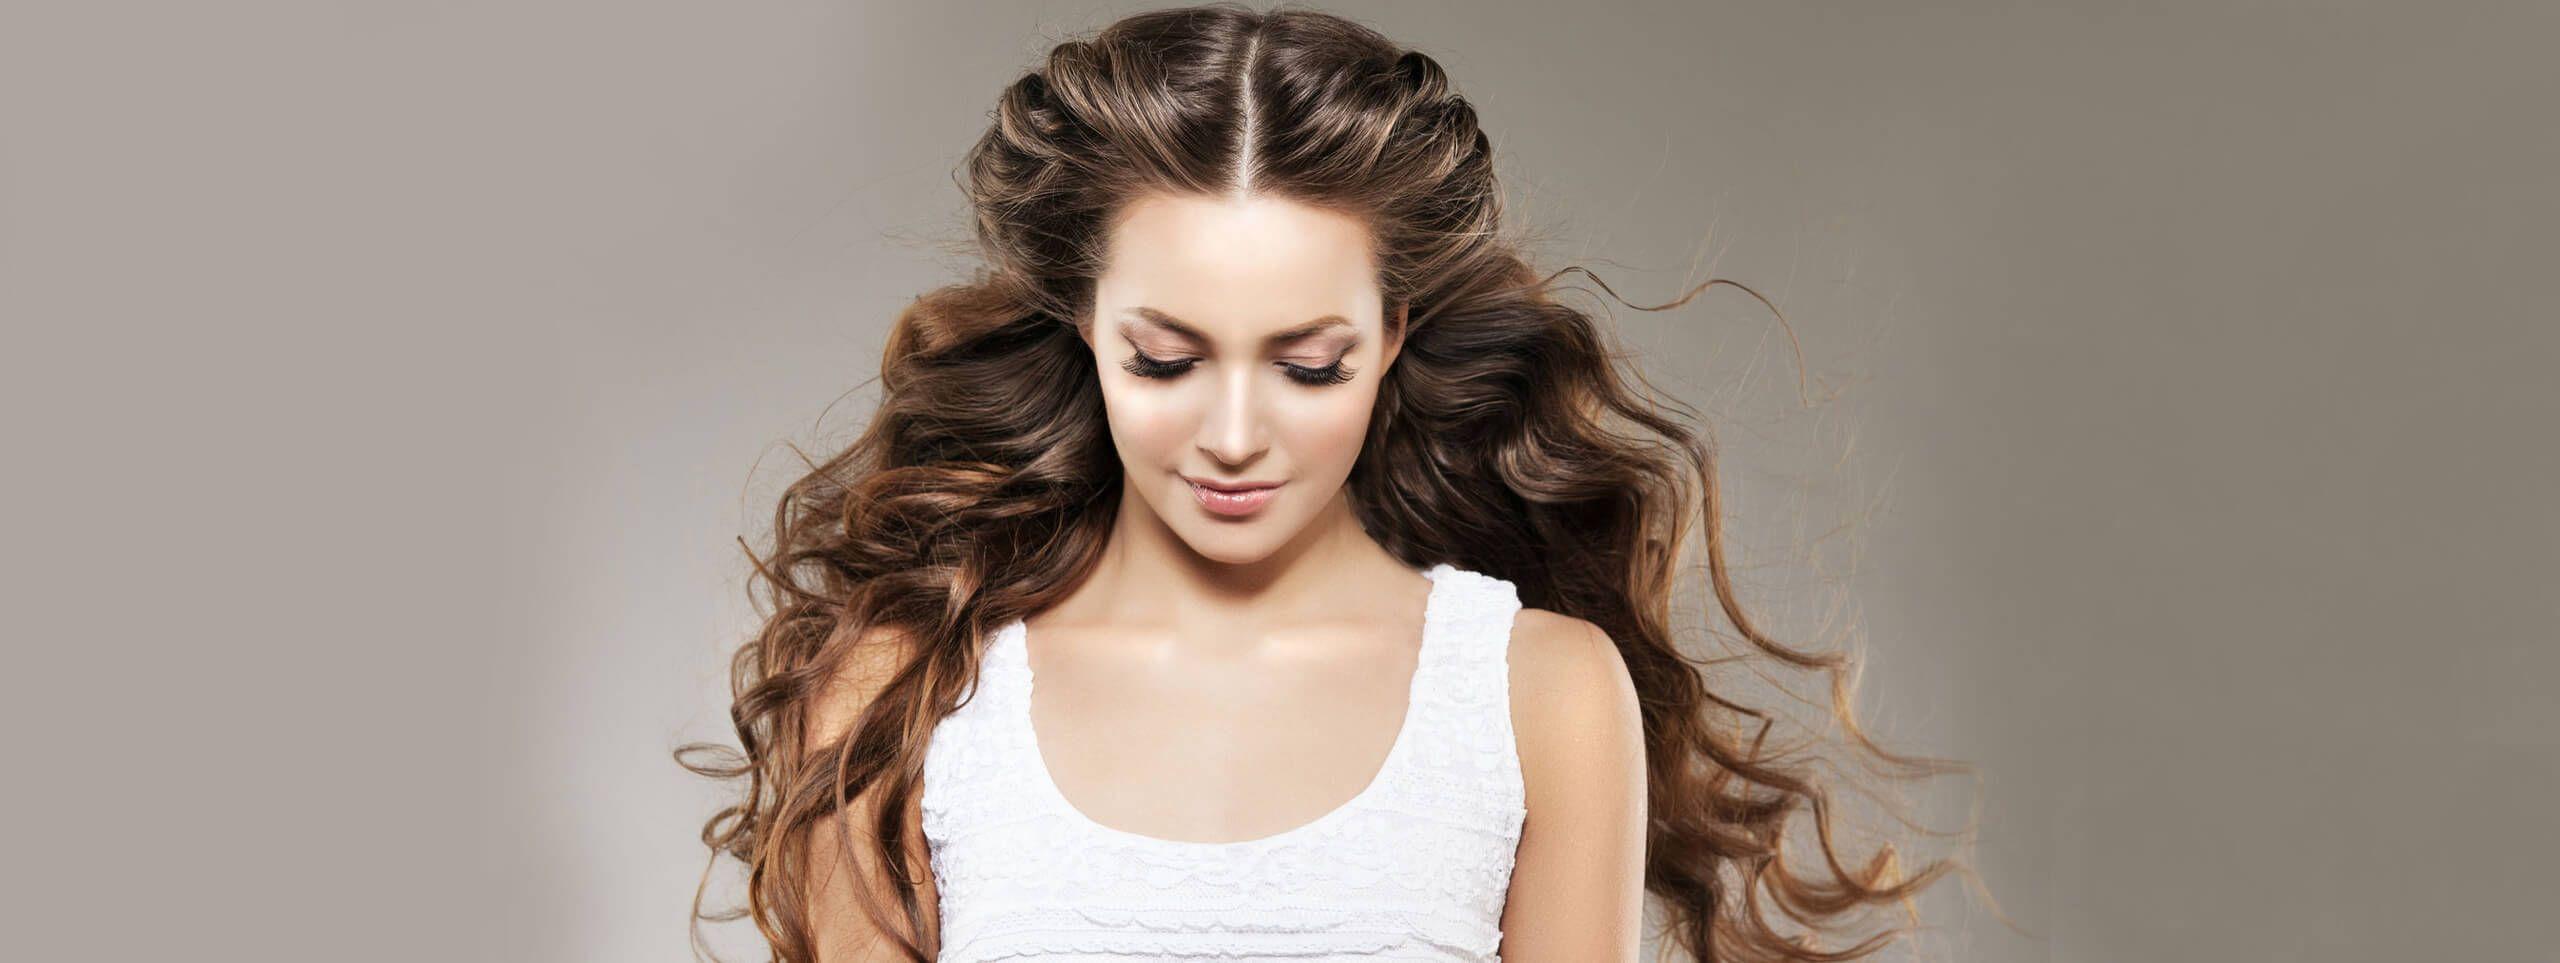 Kobieta z falowanymi włosami stylizowanymi pudrem dodającym objętości